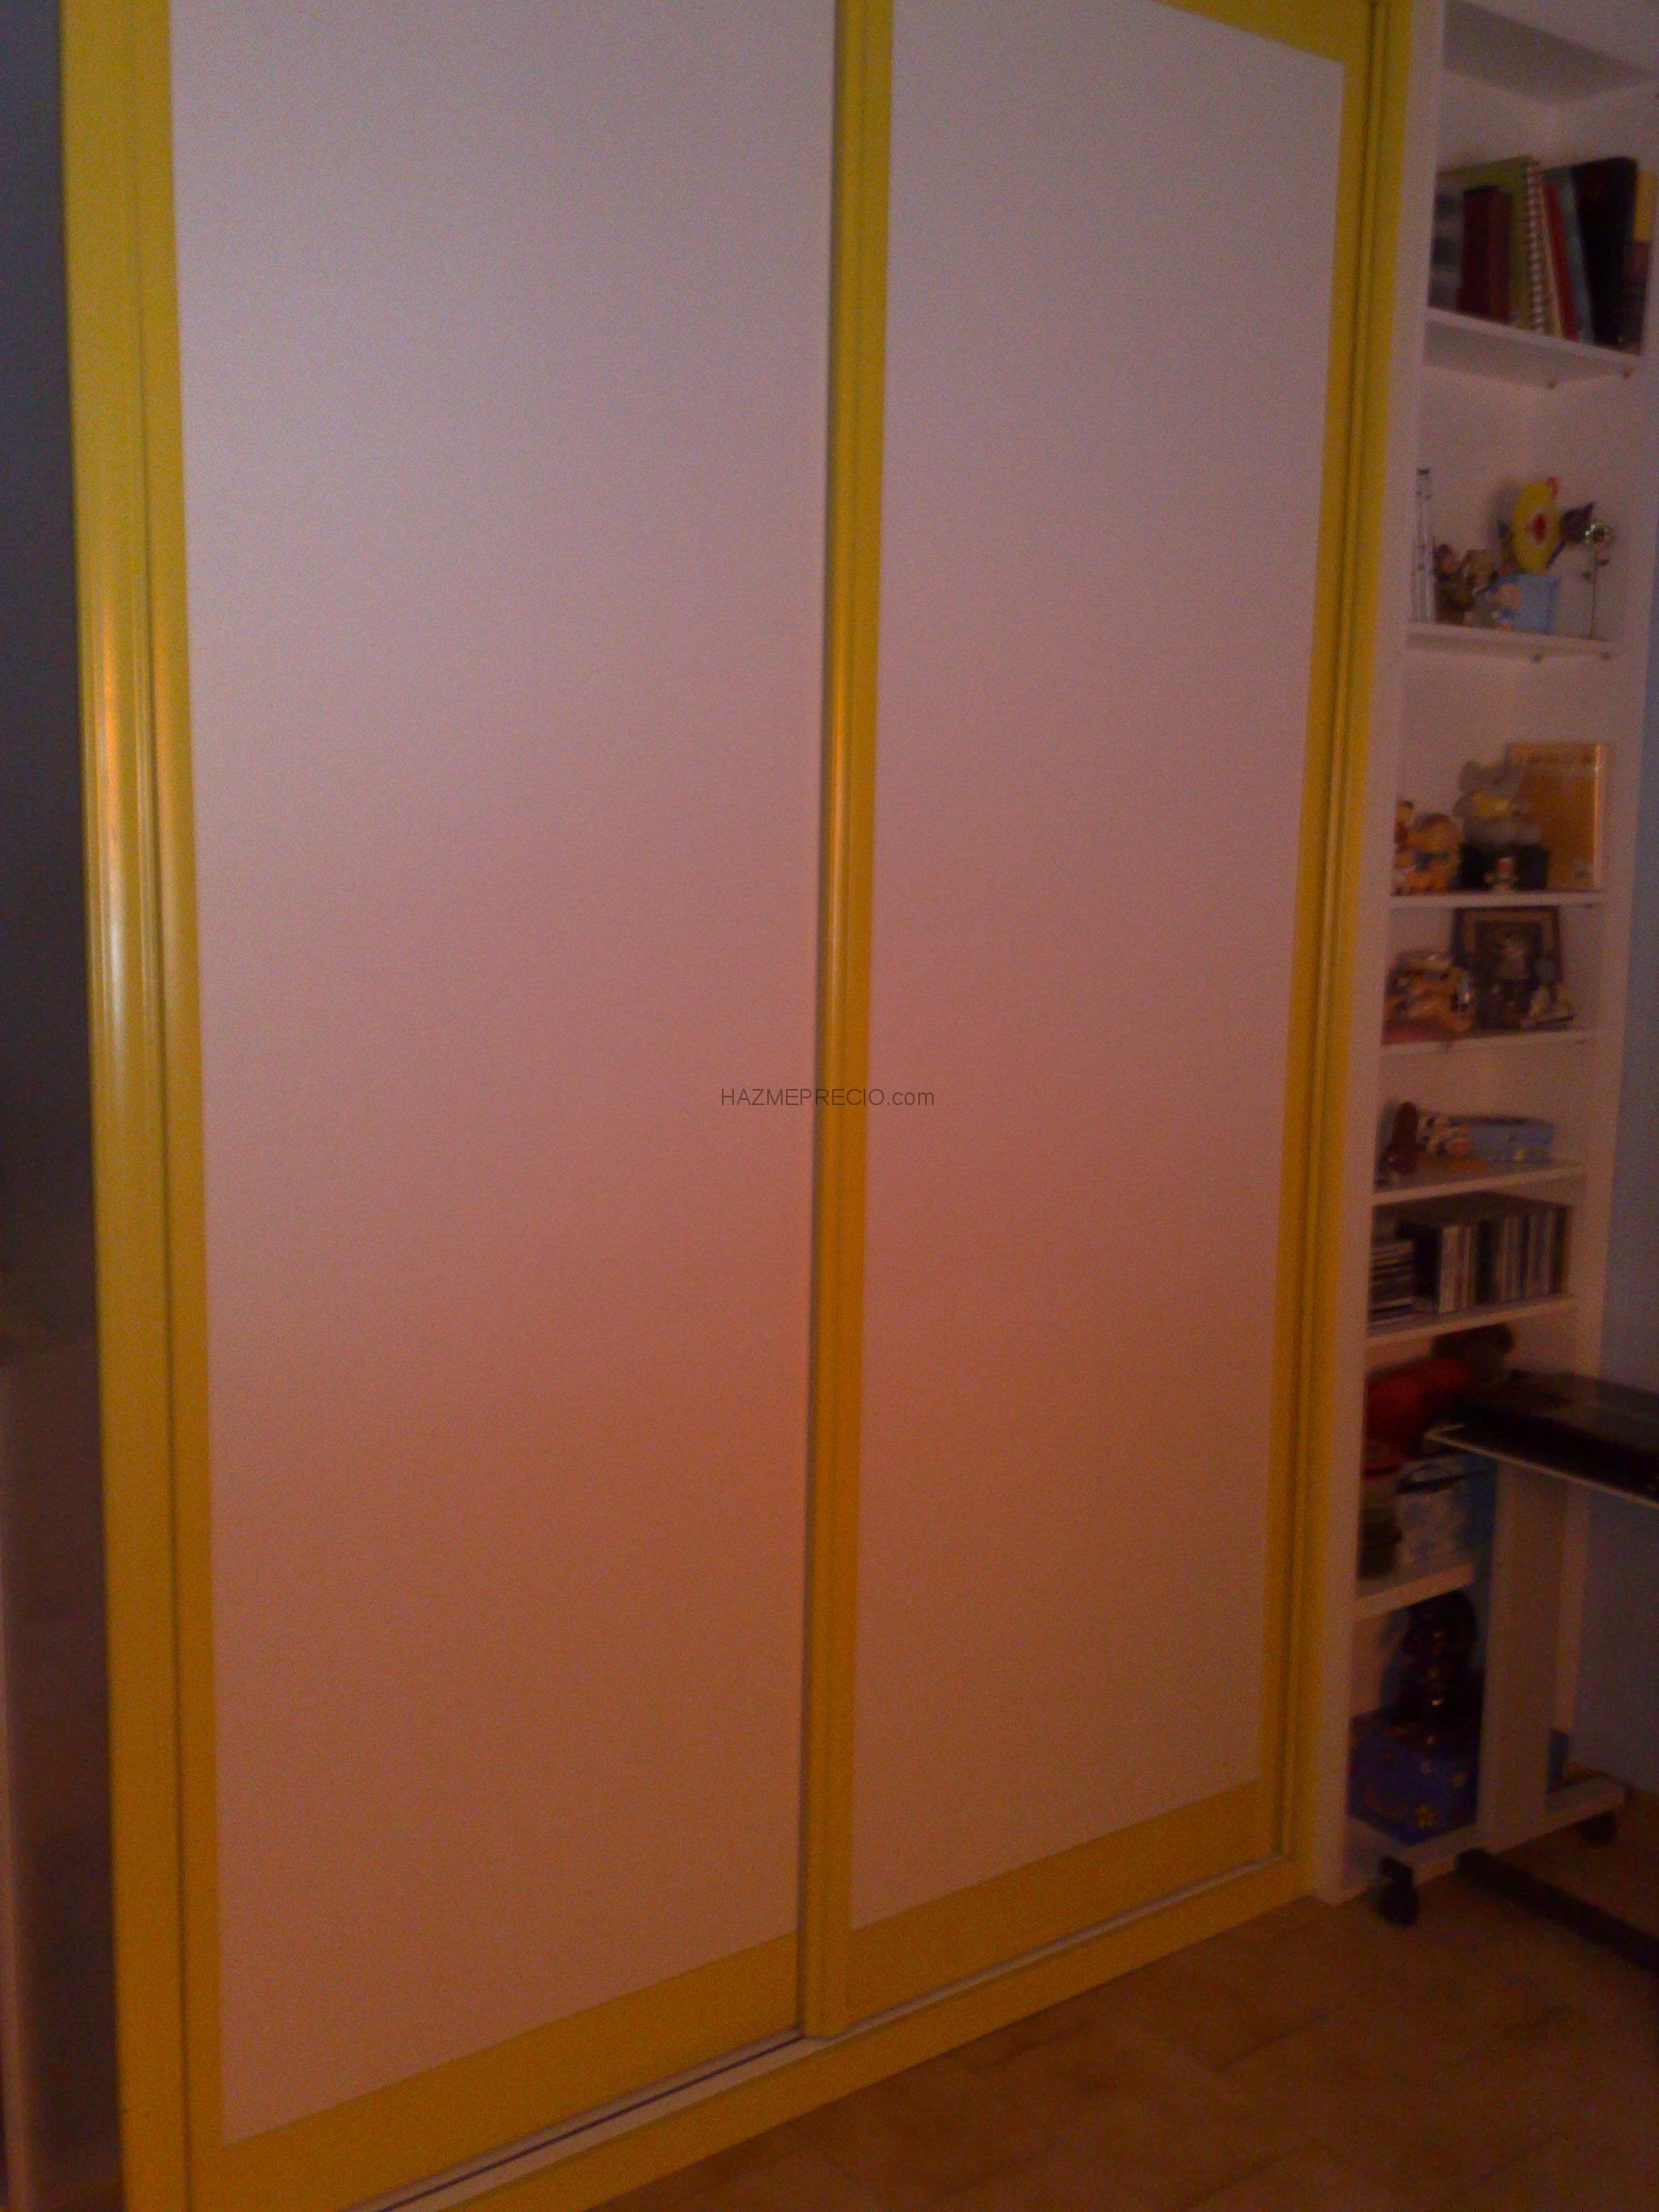 Presupuesto para hacer armario empotrado con puertas - Hacer puertas correderas ...